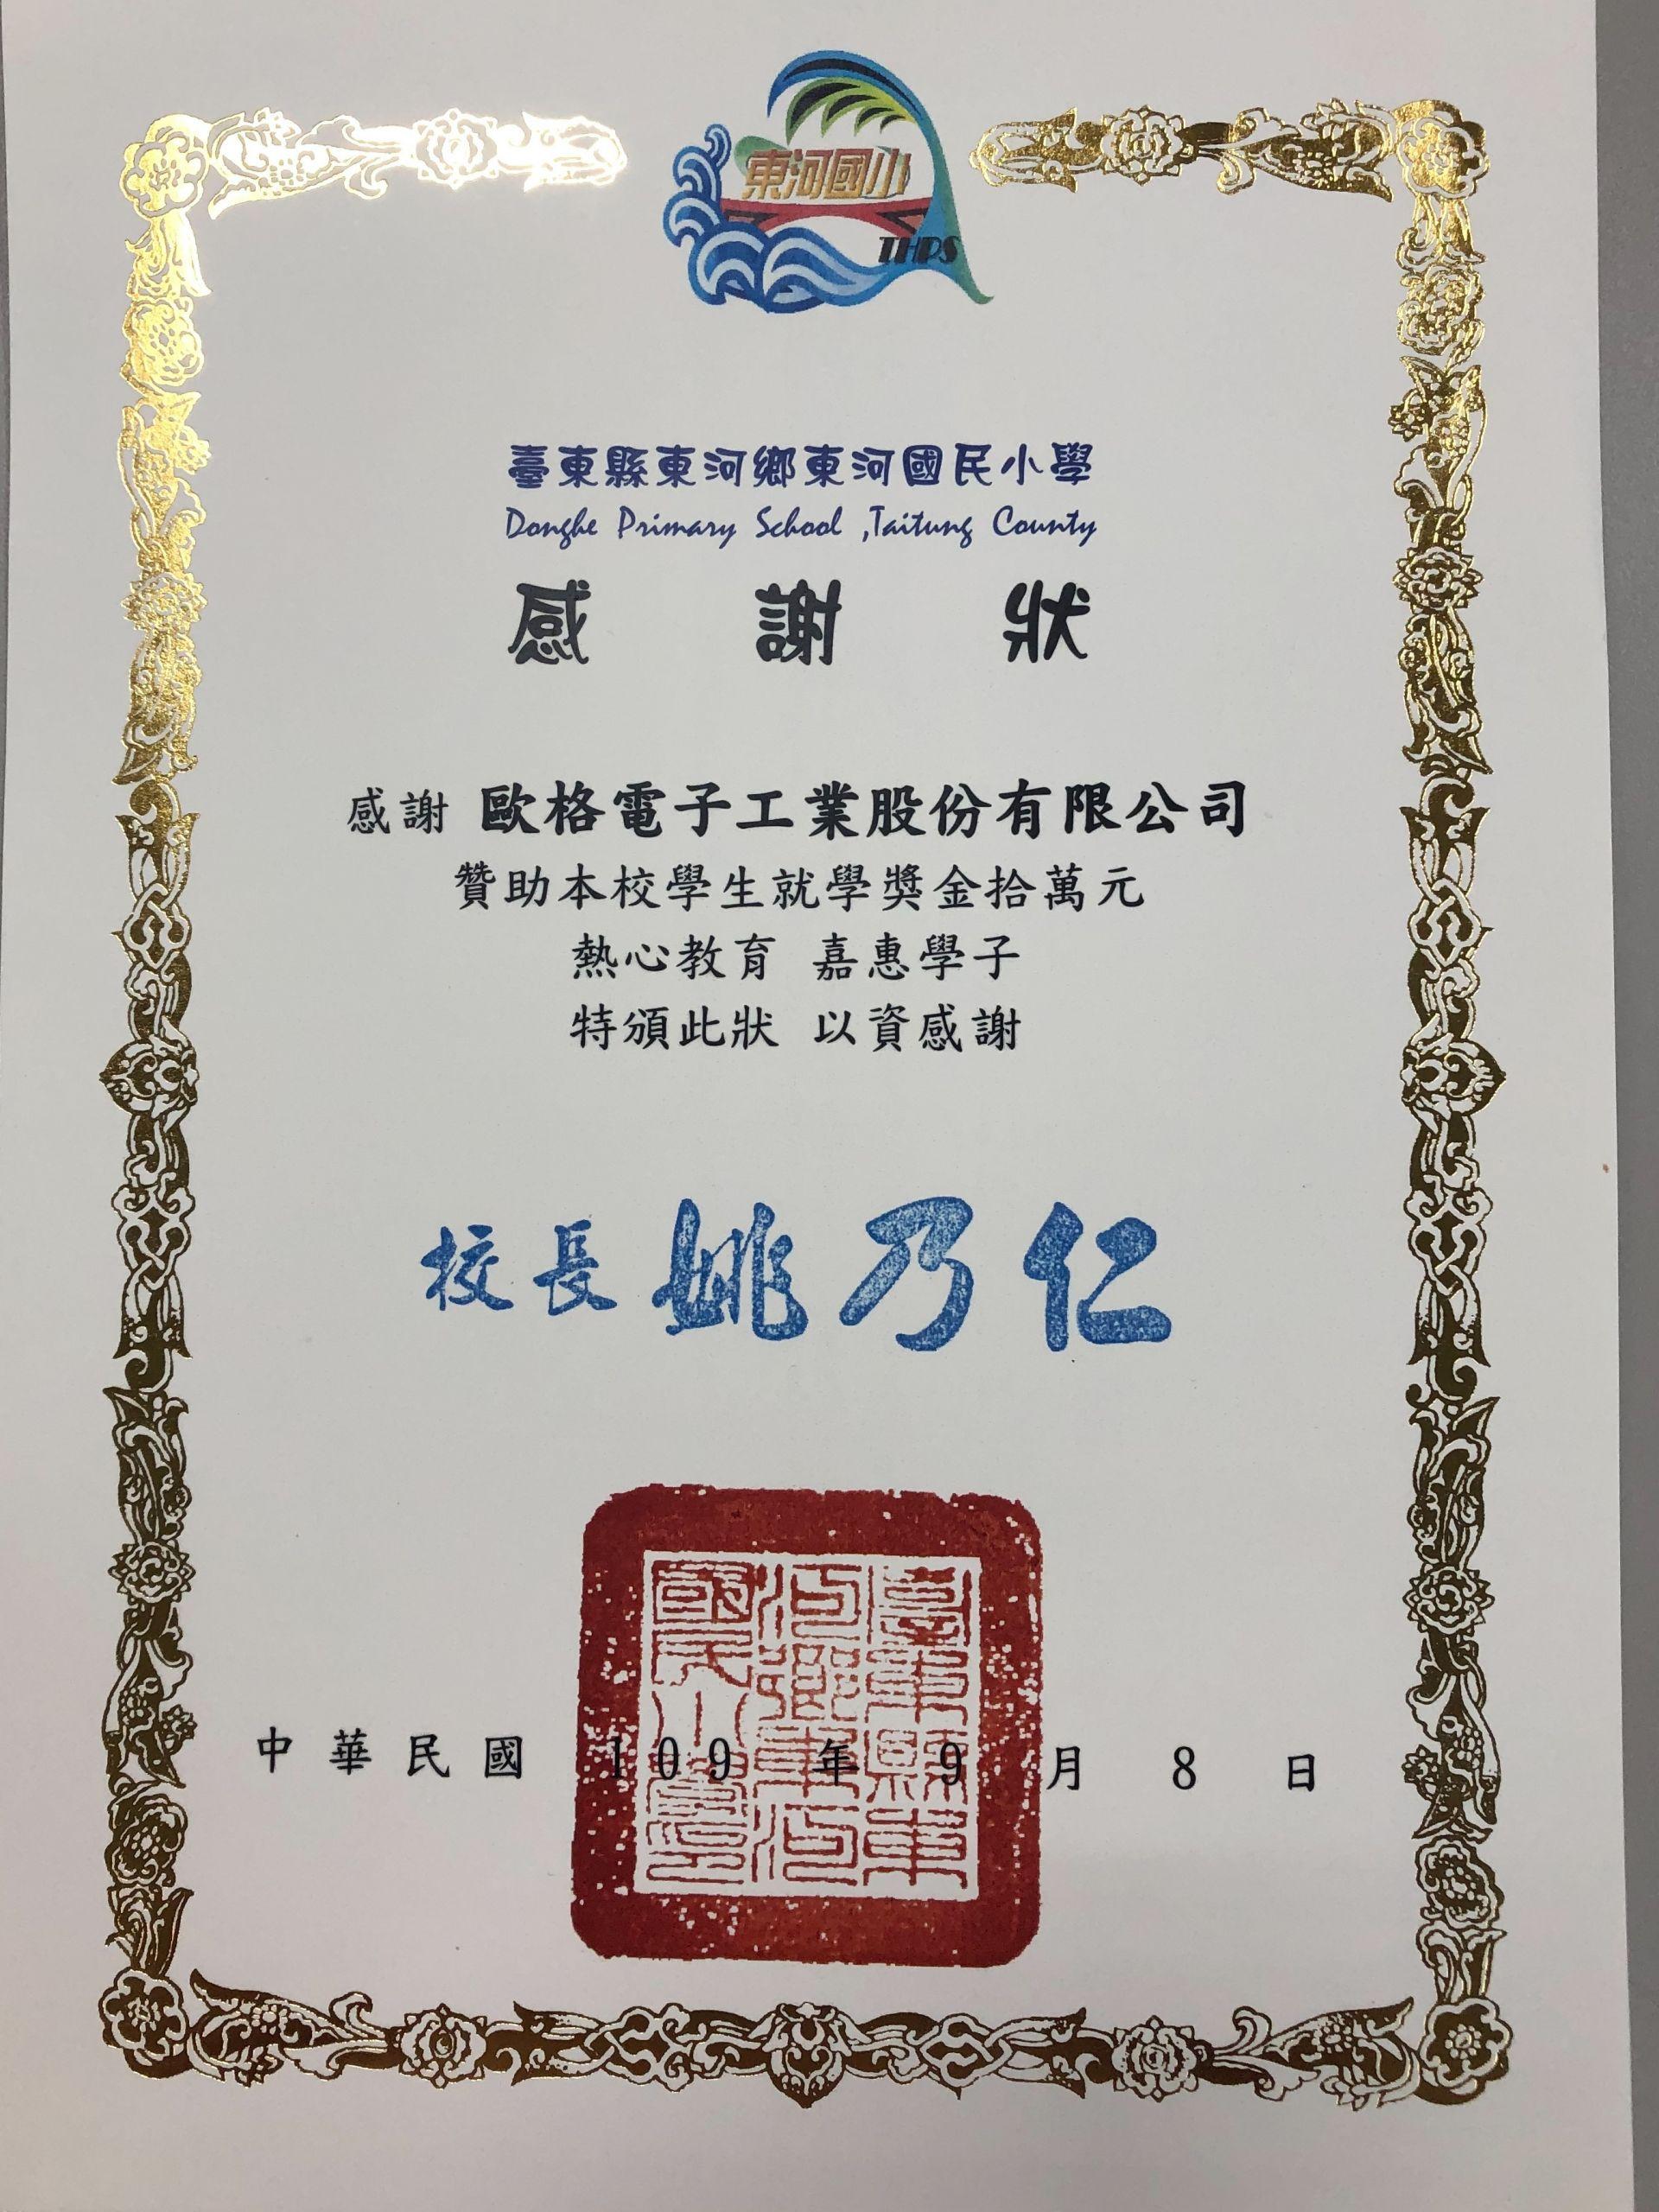 AHOKU حصل على تقدير 2020 لشهادة المنحة من مدرسة Donghe الابتدائية